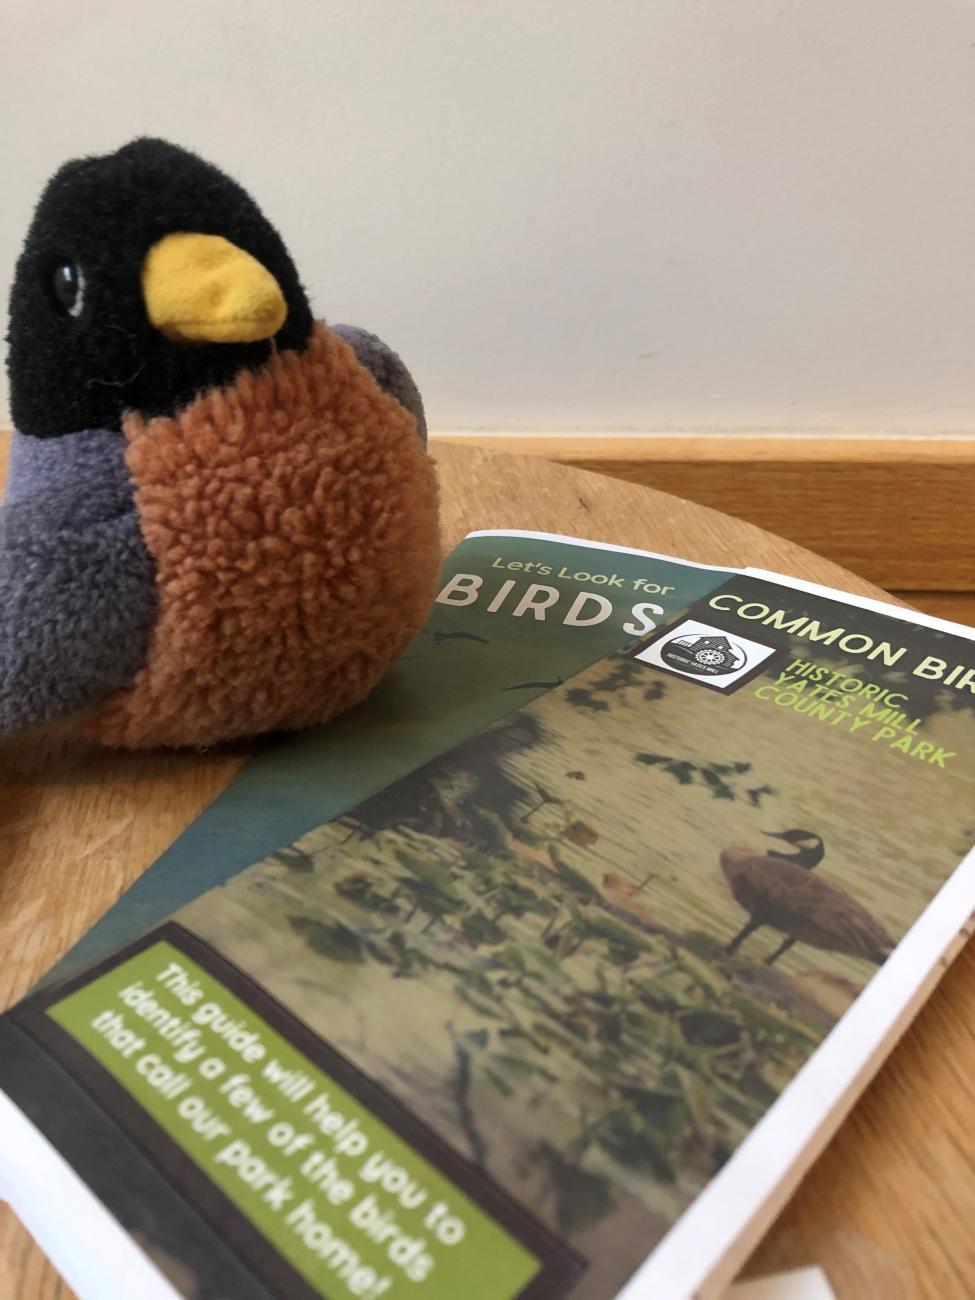 Bird Guides Photo